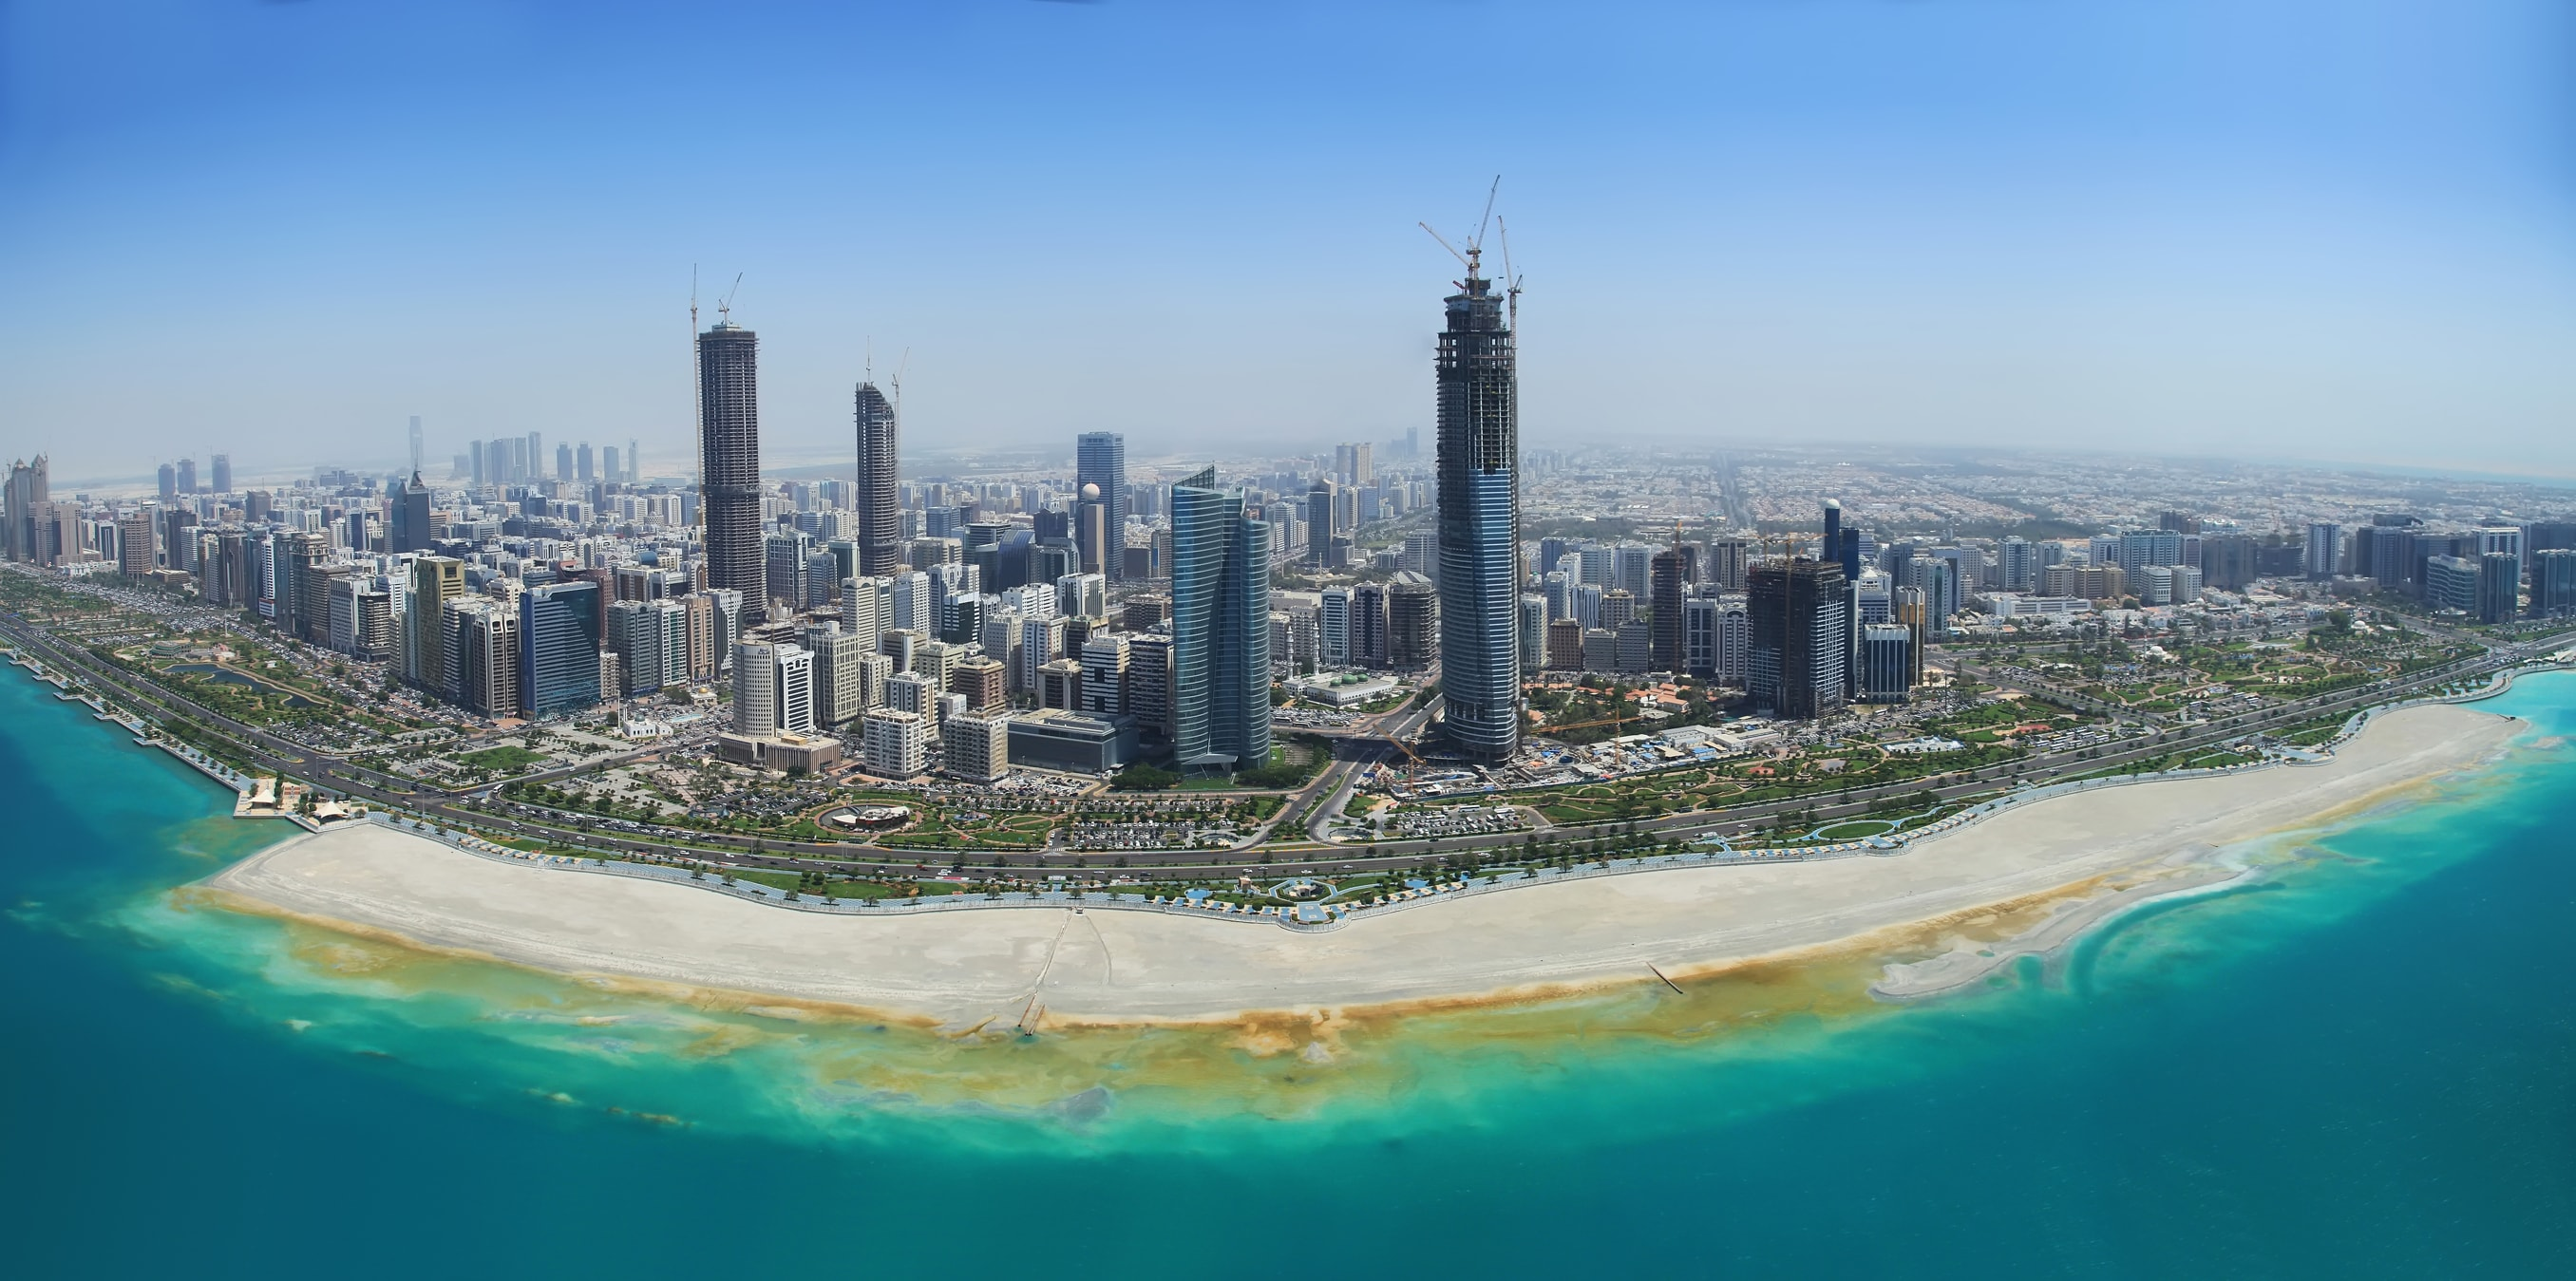 """Reguladores financeiros do emirado de Abu Dhabi publicaram um documento explicando sua posição em relação às criptomoedas e às ofertas iniciais de moedas (ICO). O primeiro será tratado como """"bens"""", e uma parte significativa deste último será legalizada como """"investimentos condicionais""""."""